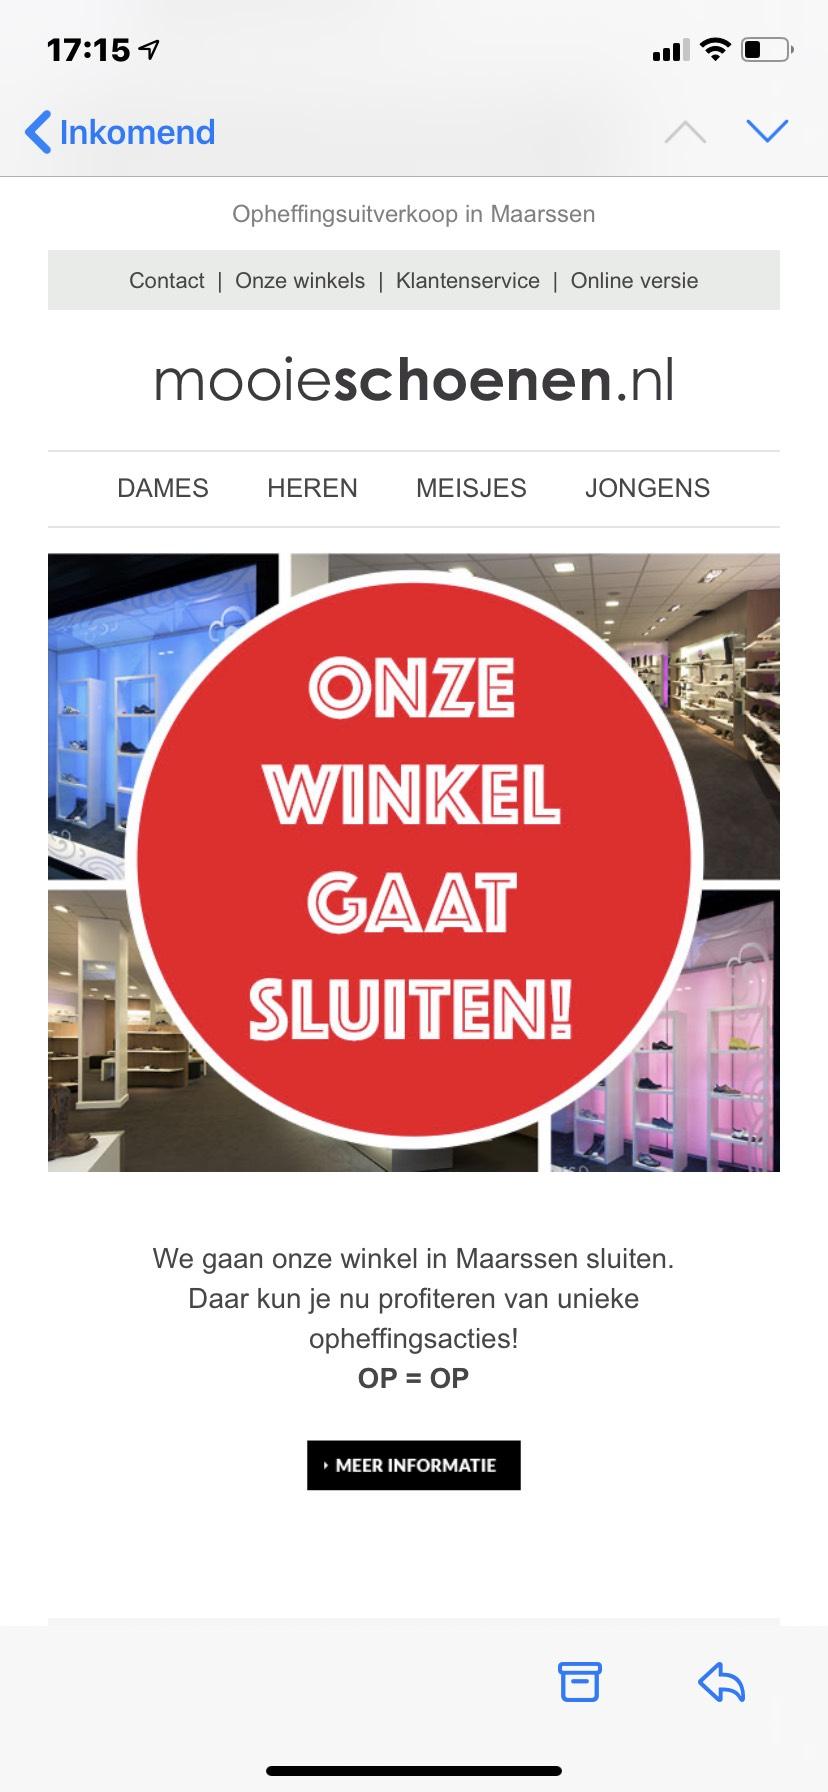 Mooieschoenen.nl gaat winkel sluiten op=op